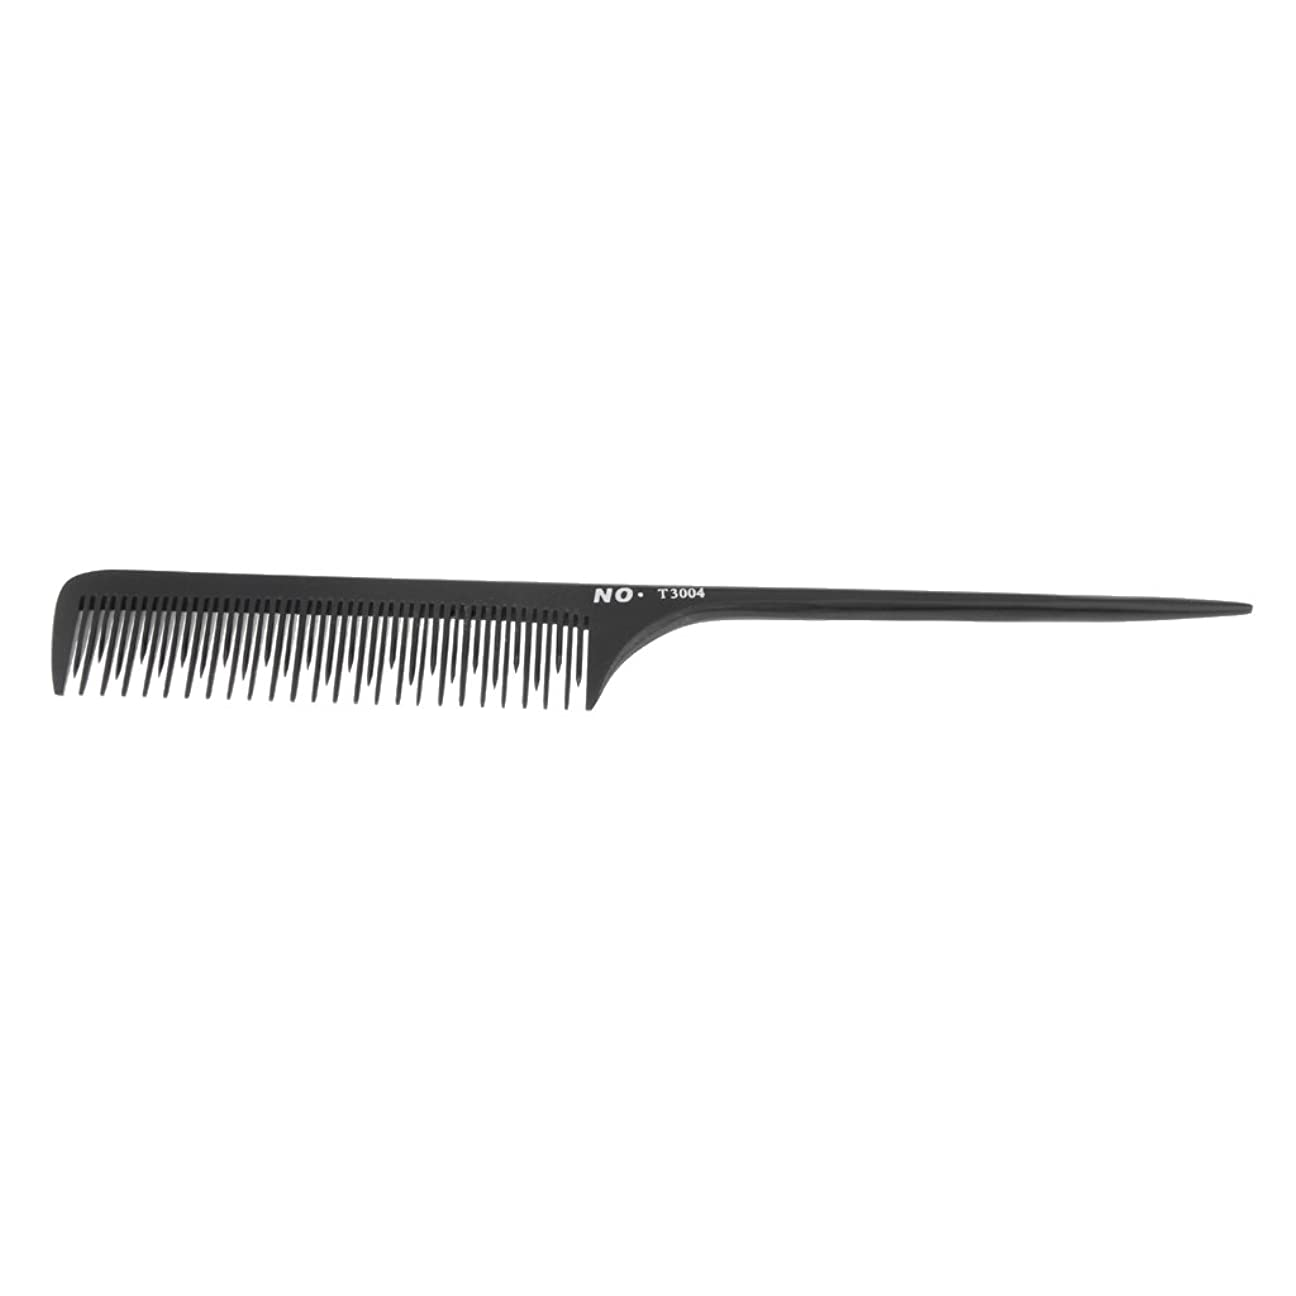 明るくする急流磨かれたHomyl サロン 理髪師 ヘアスタイリング 櫛 テールコーム ヘアコーム ヘアブラシ プロ 2タイプ選べ - t3004